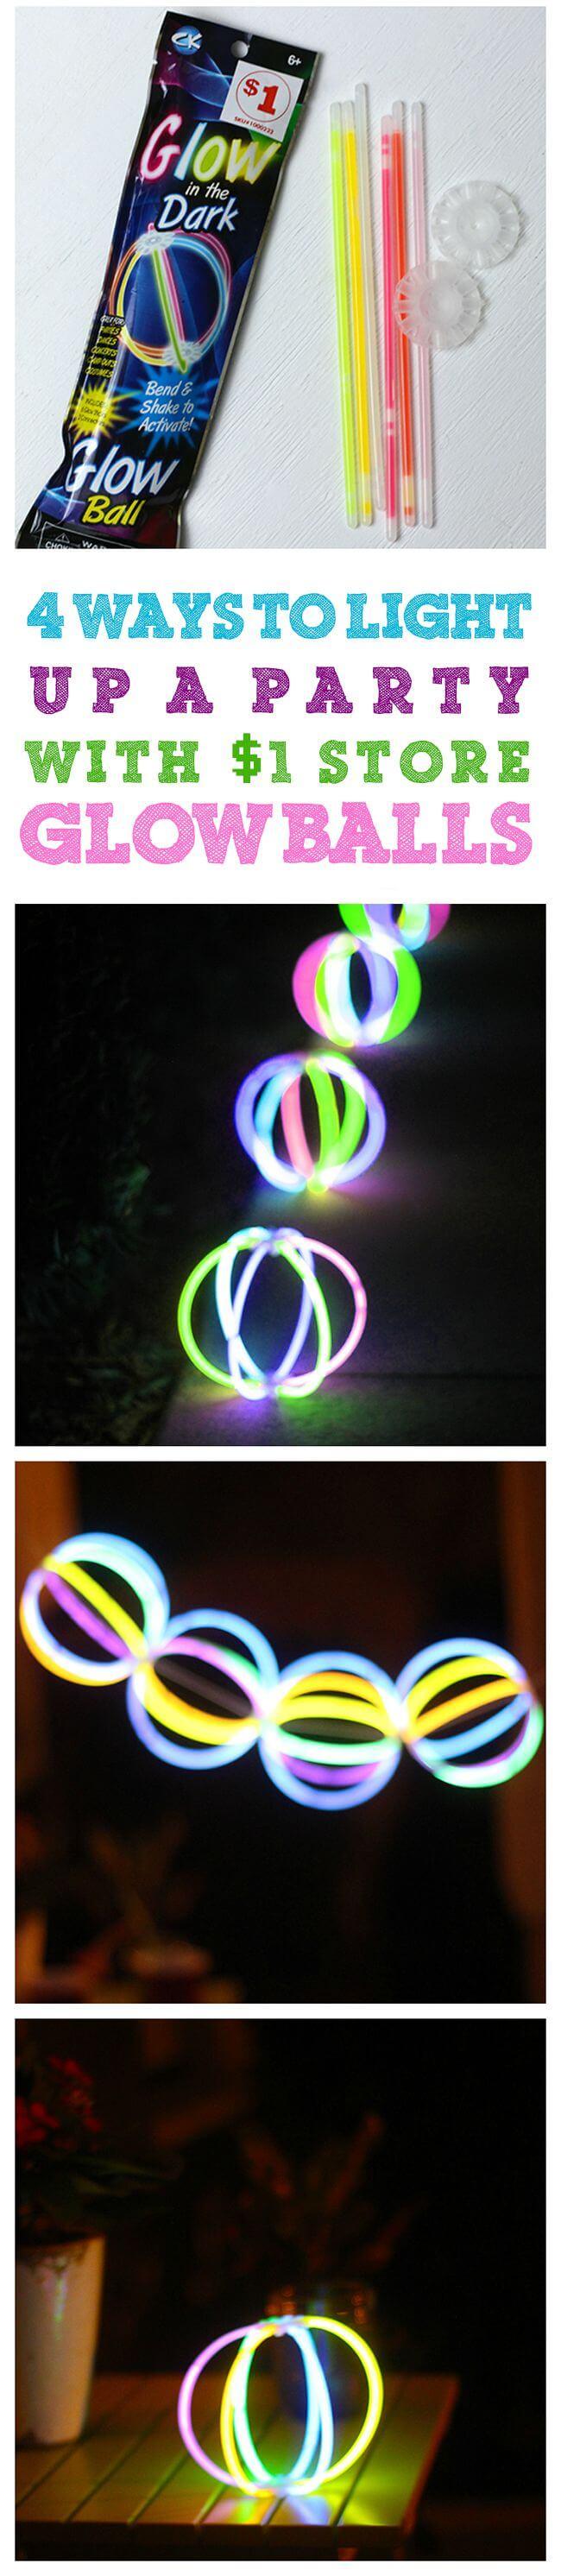 Enfilez ensemble des boules lumineuses à l'aide de bâtons lumineux